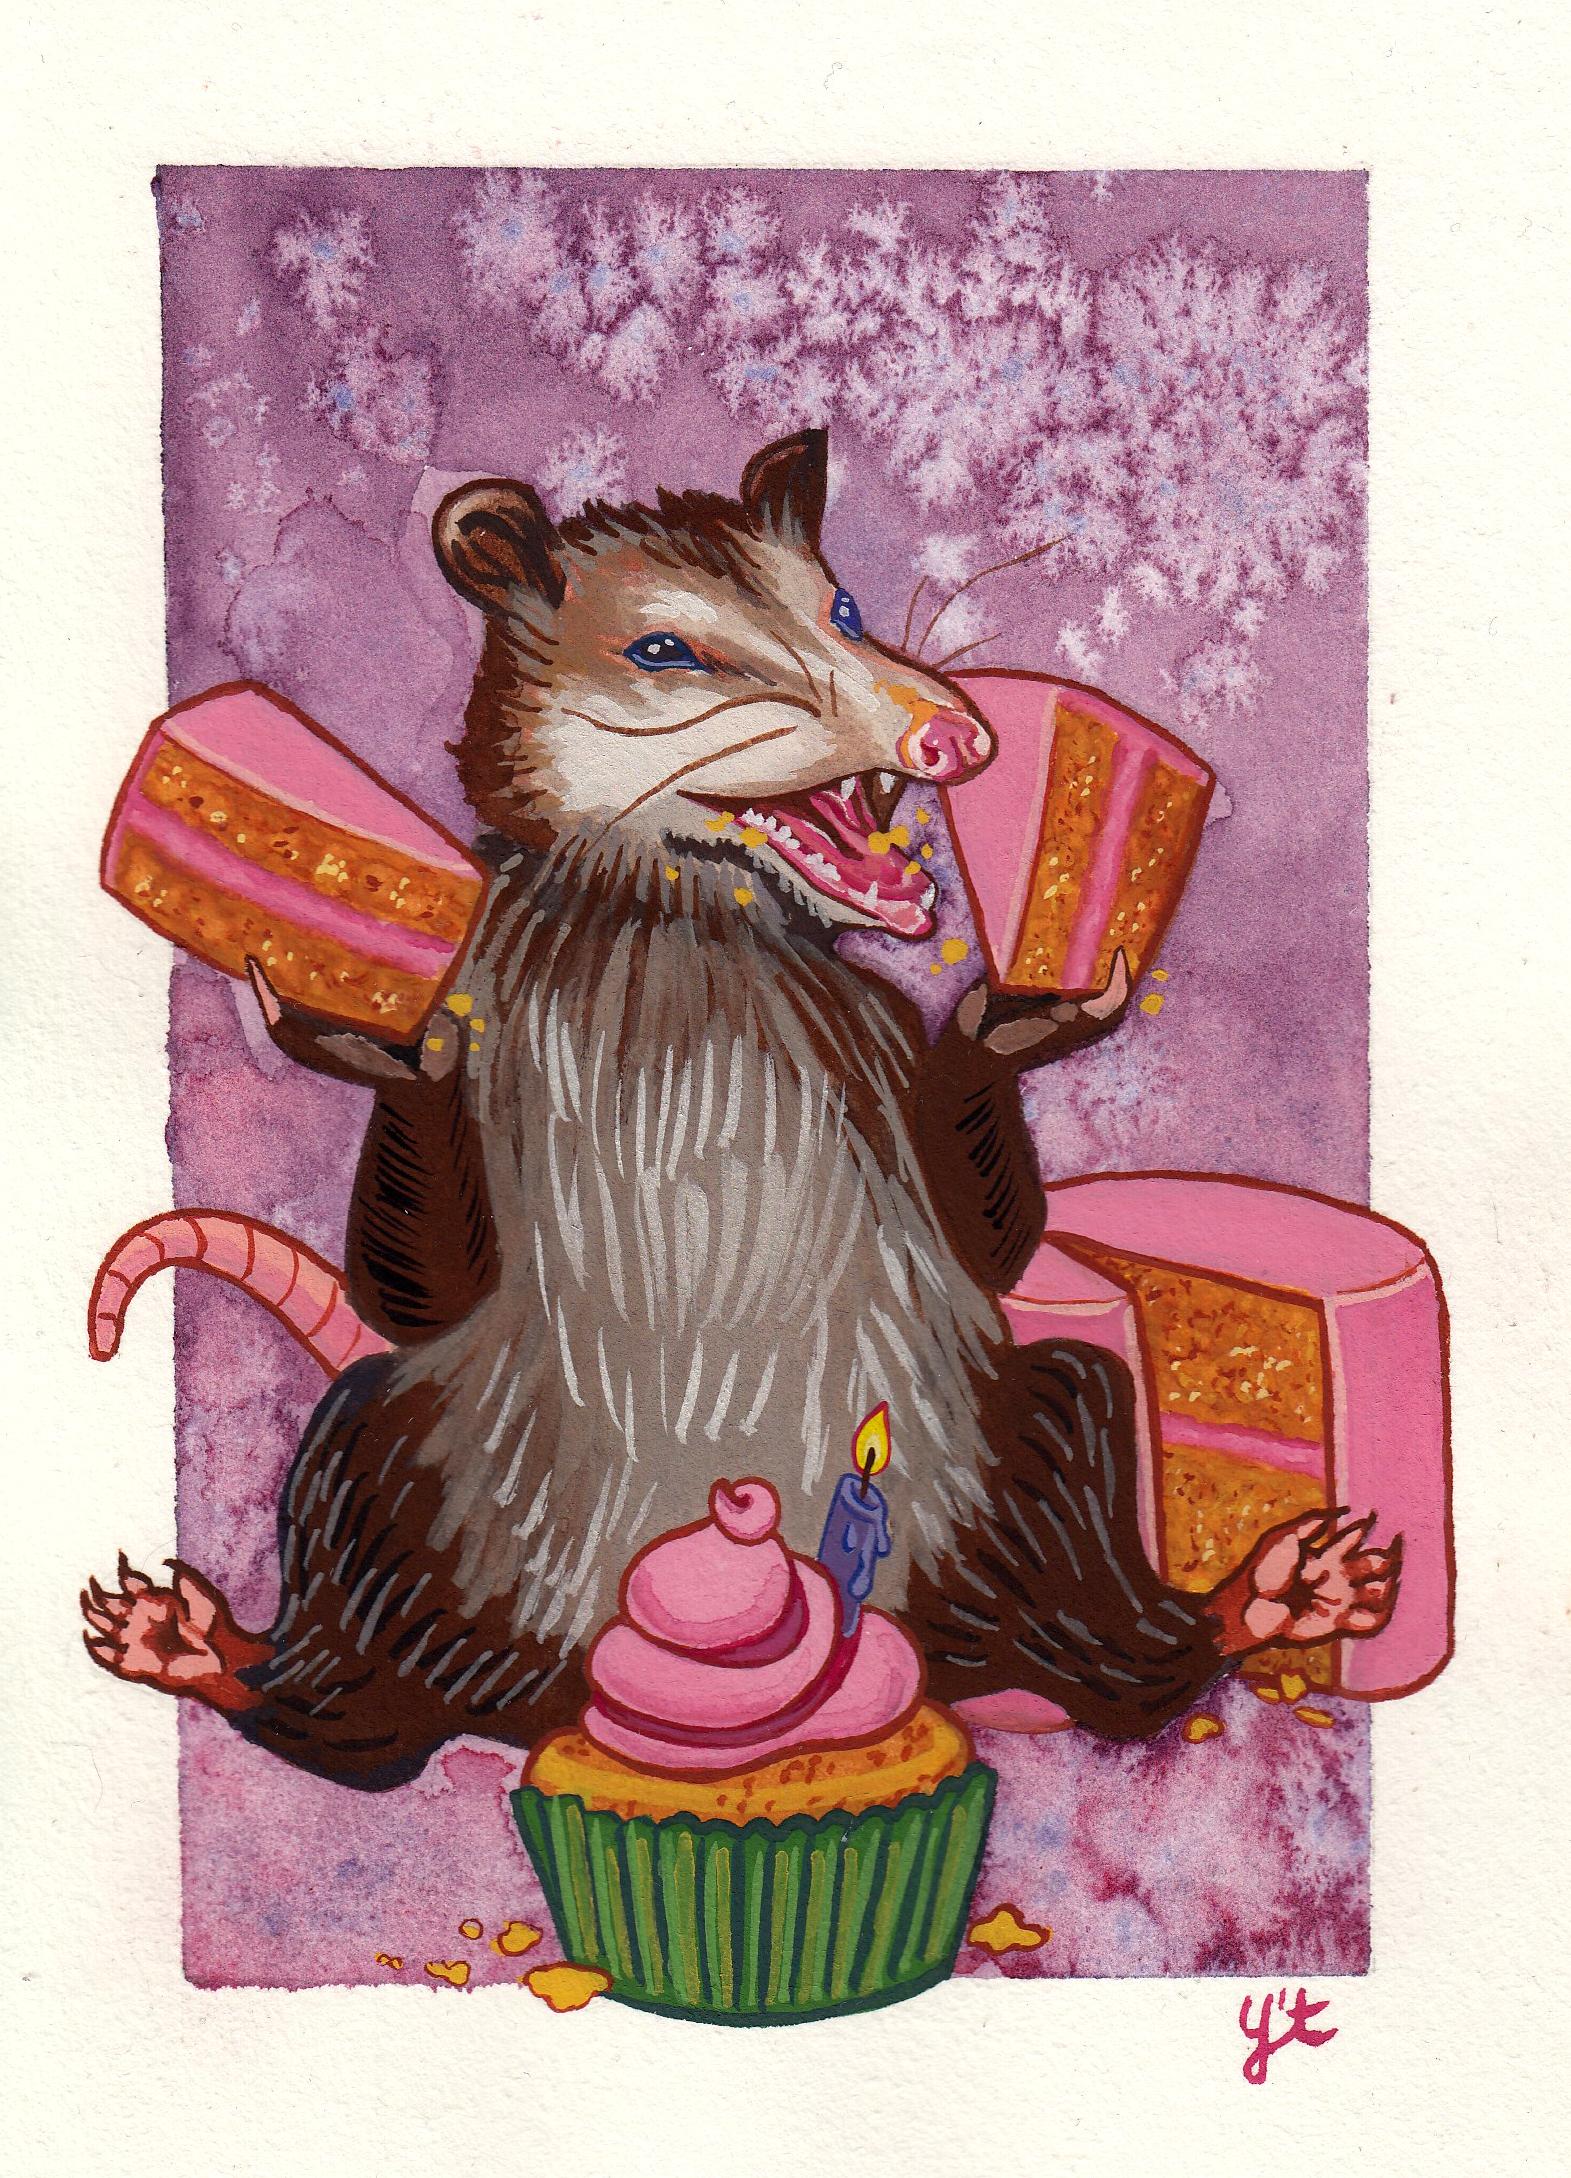 Cake Possum